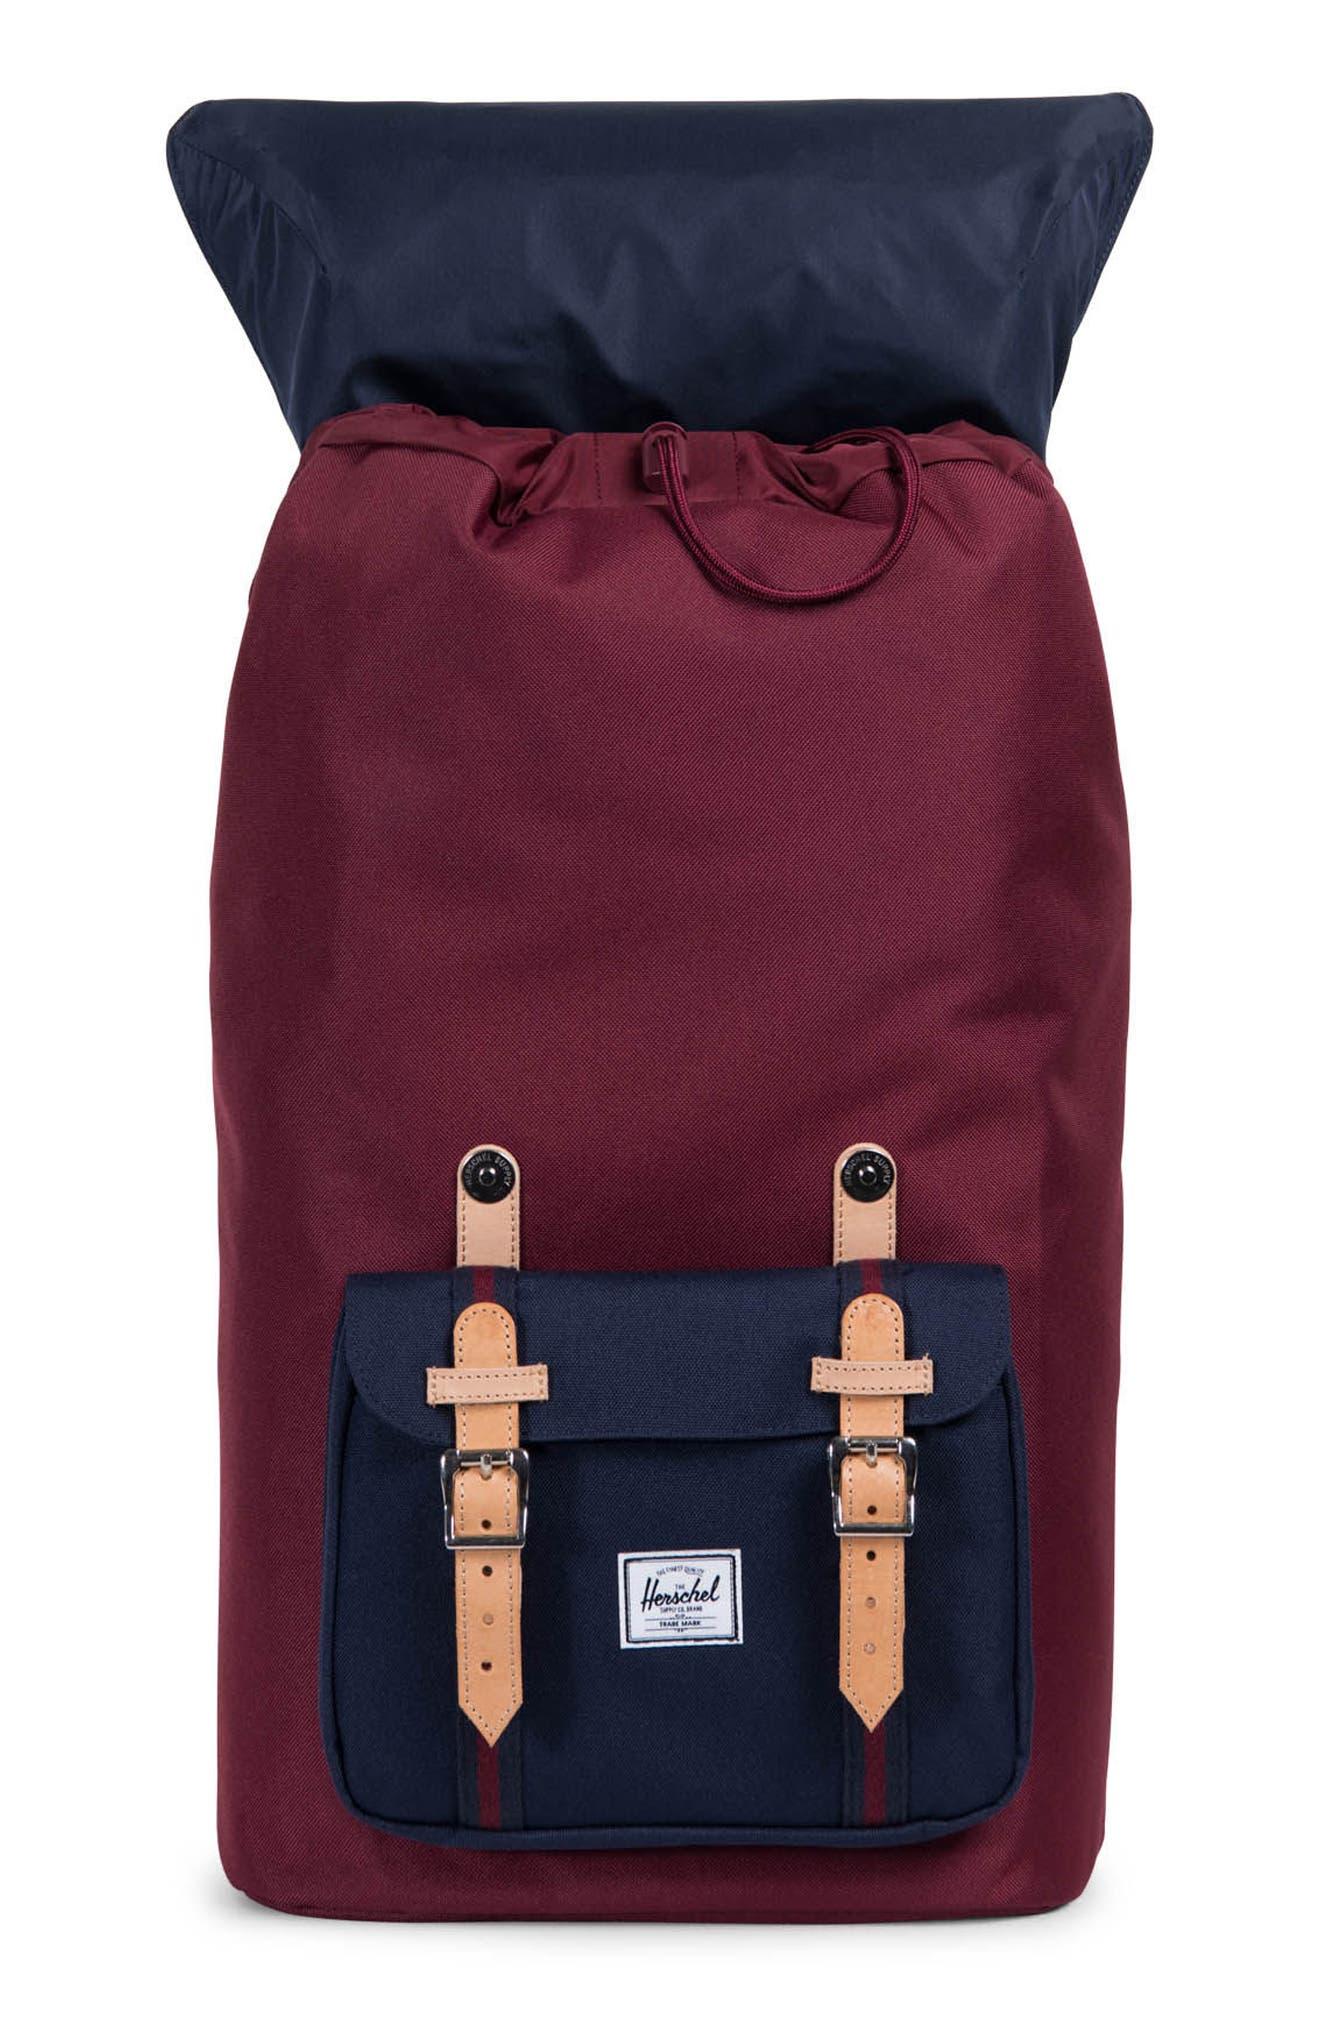 Little America Backpack,                             Alternate thumbnail 3, color,                             Windsor Wine/